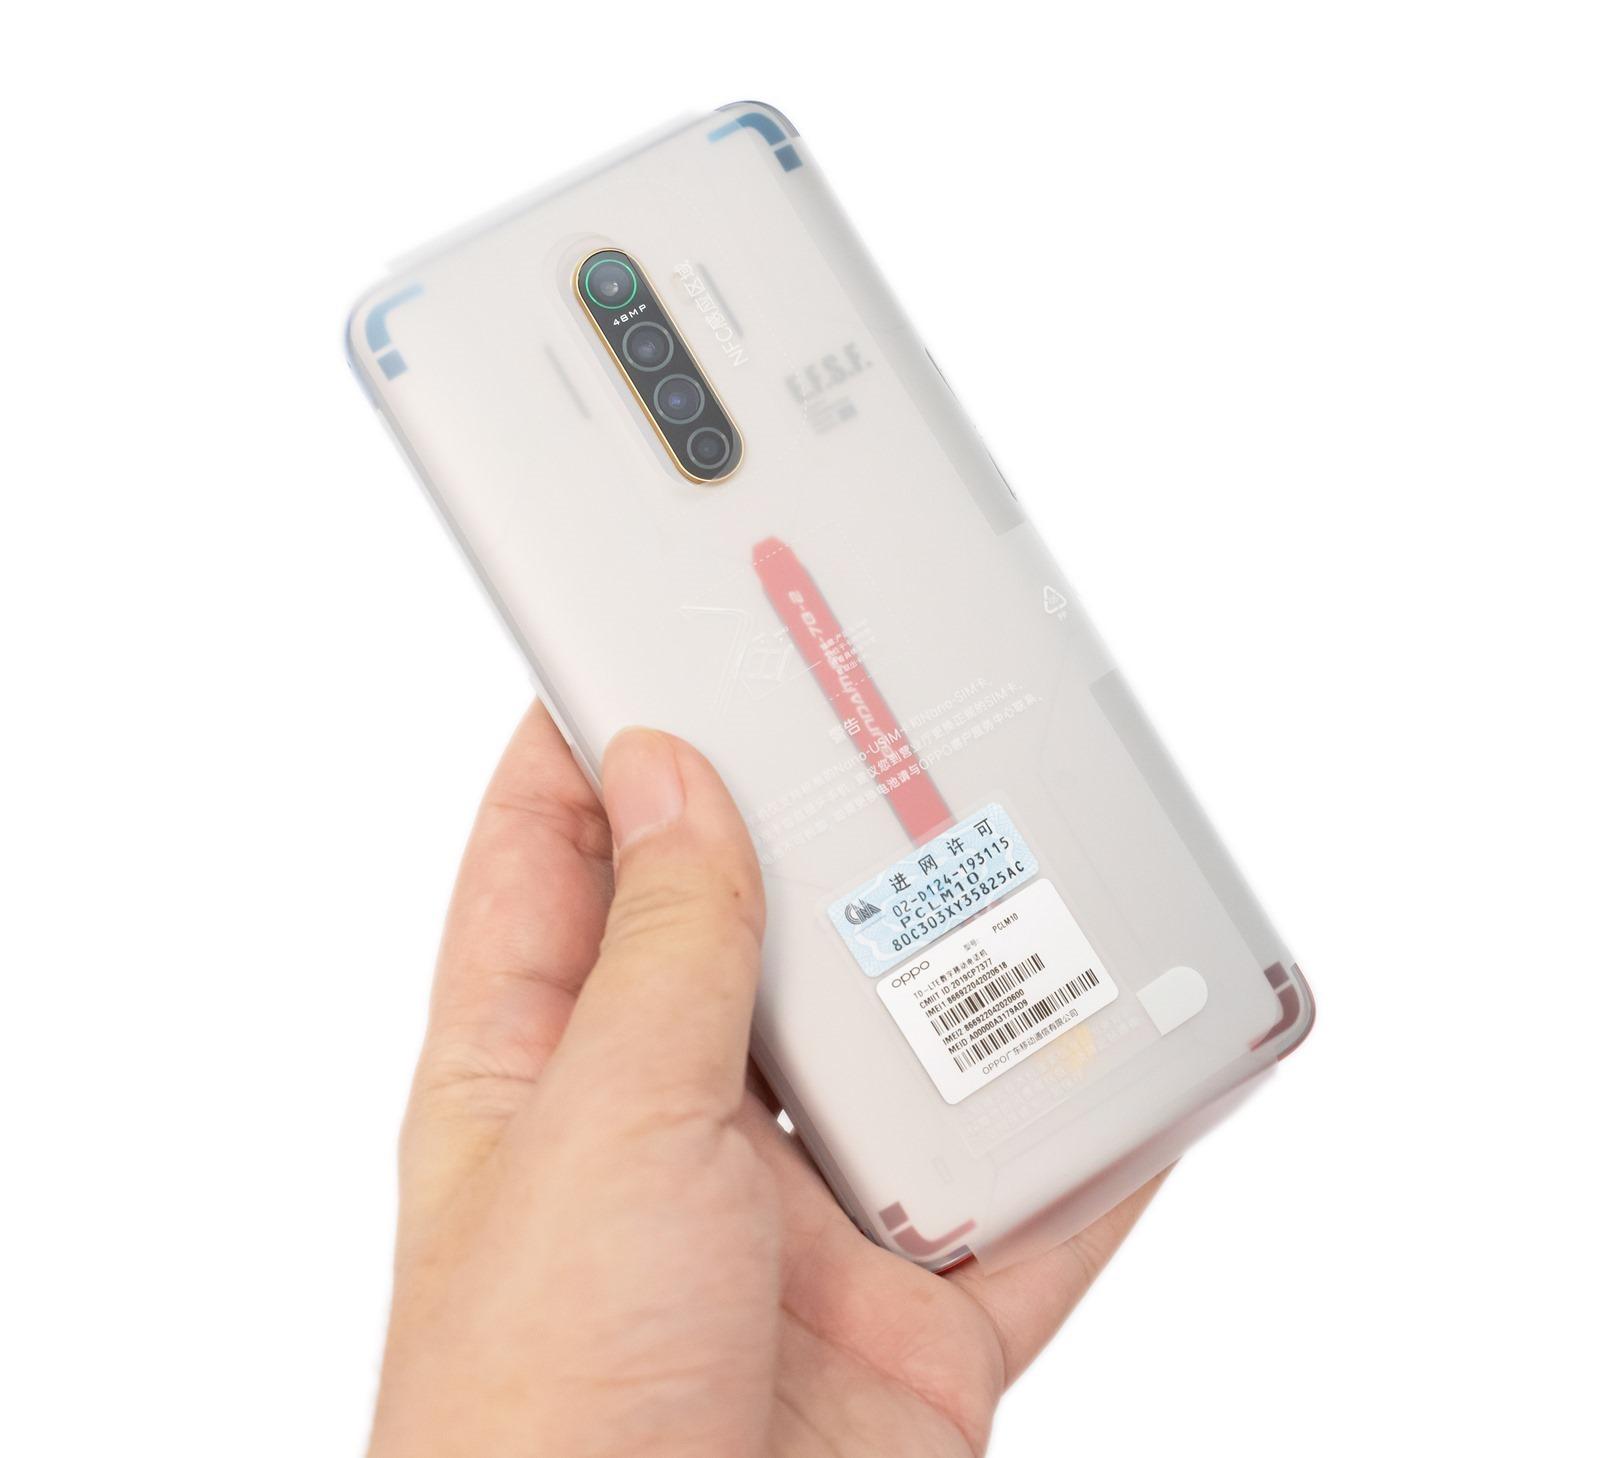 這台手機就是帥氣!OPPO Reno ACE 剛彈聯名版開箱 / 性能電力實測 / 快充測試 / Google 安裝 @3C 達人廖阿輝